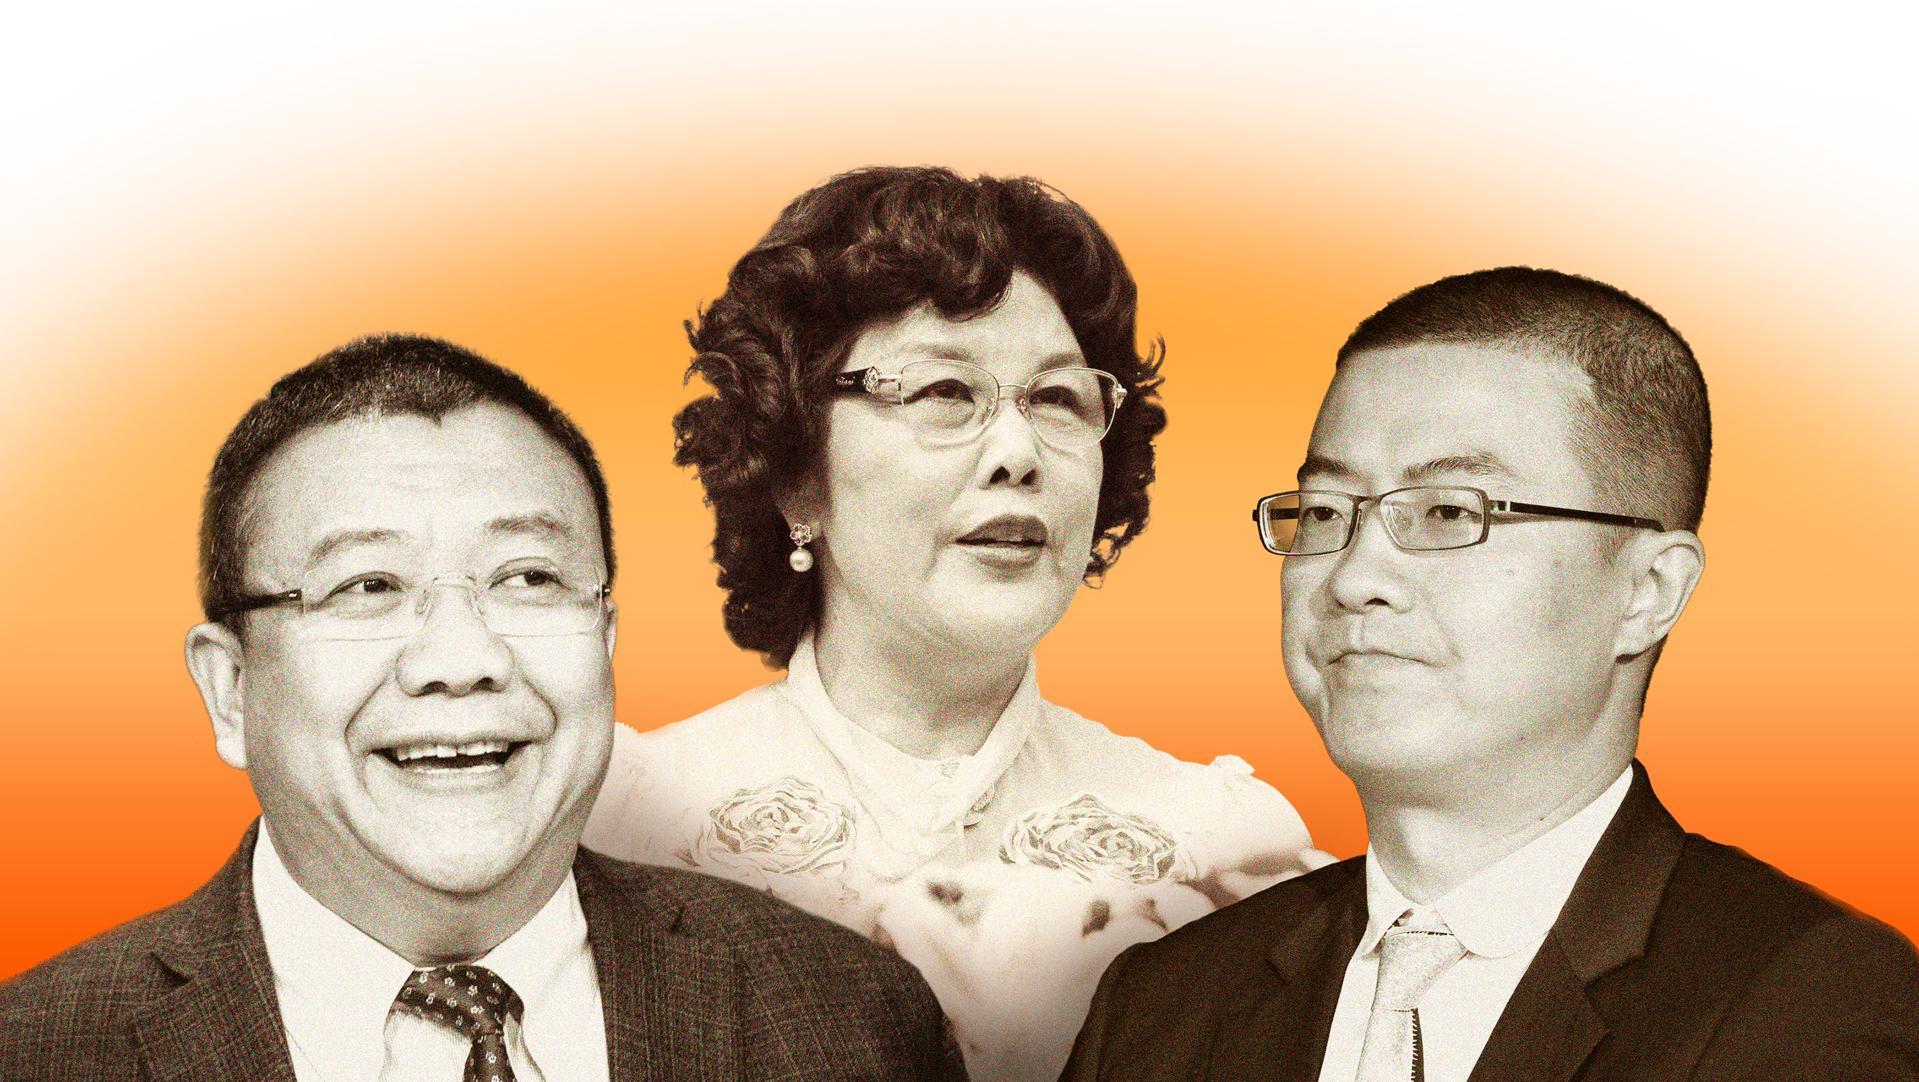 hero-newest2-chinese-billionaires-zhengyao-chen-huaiqing